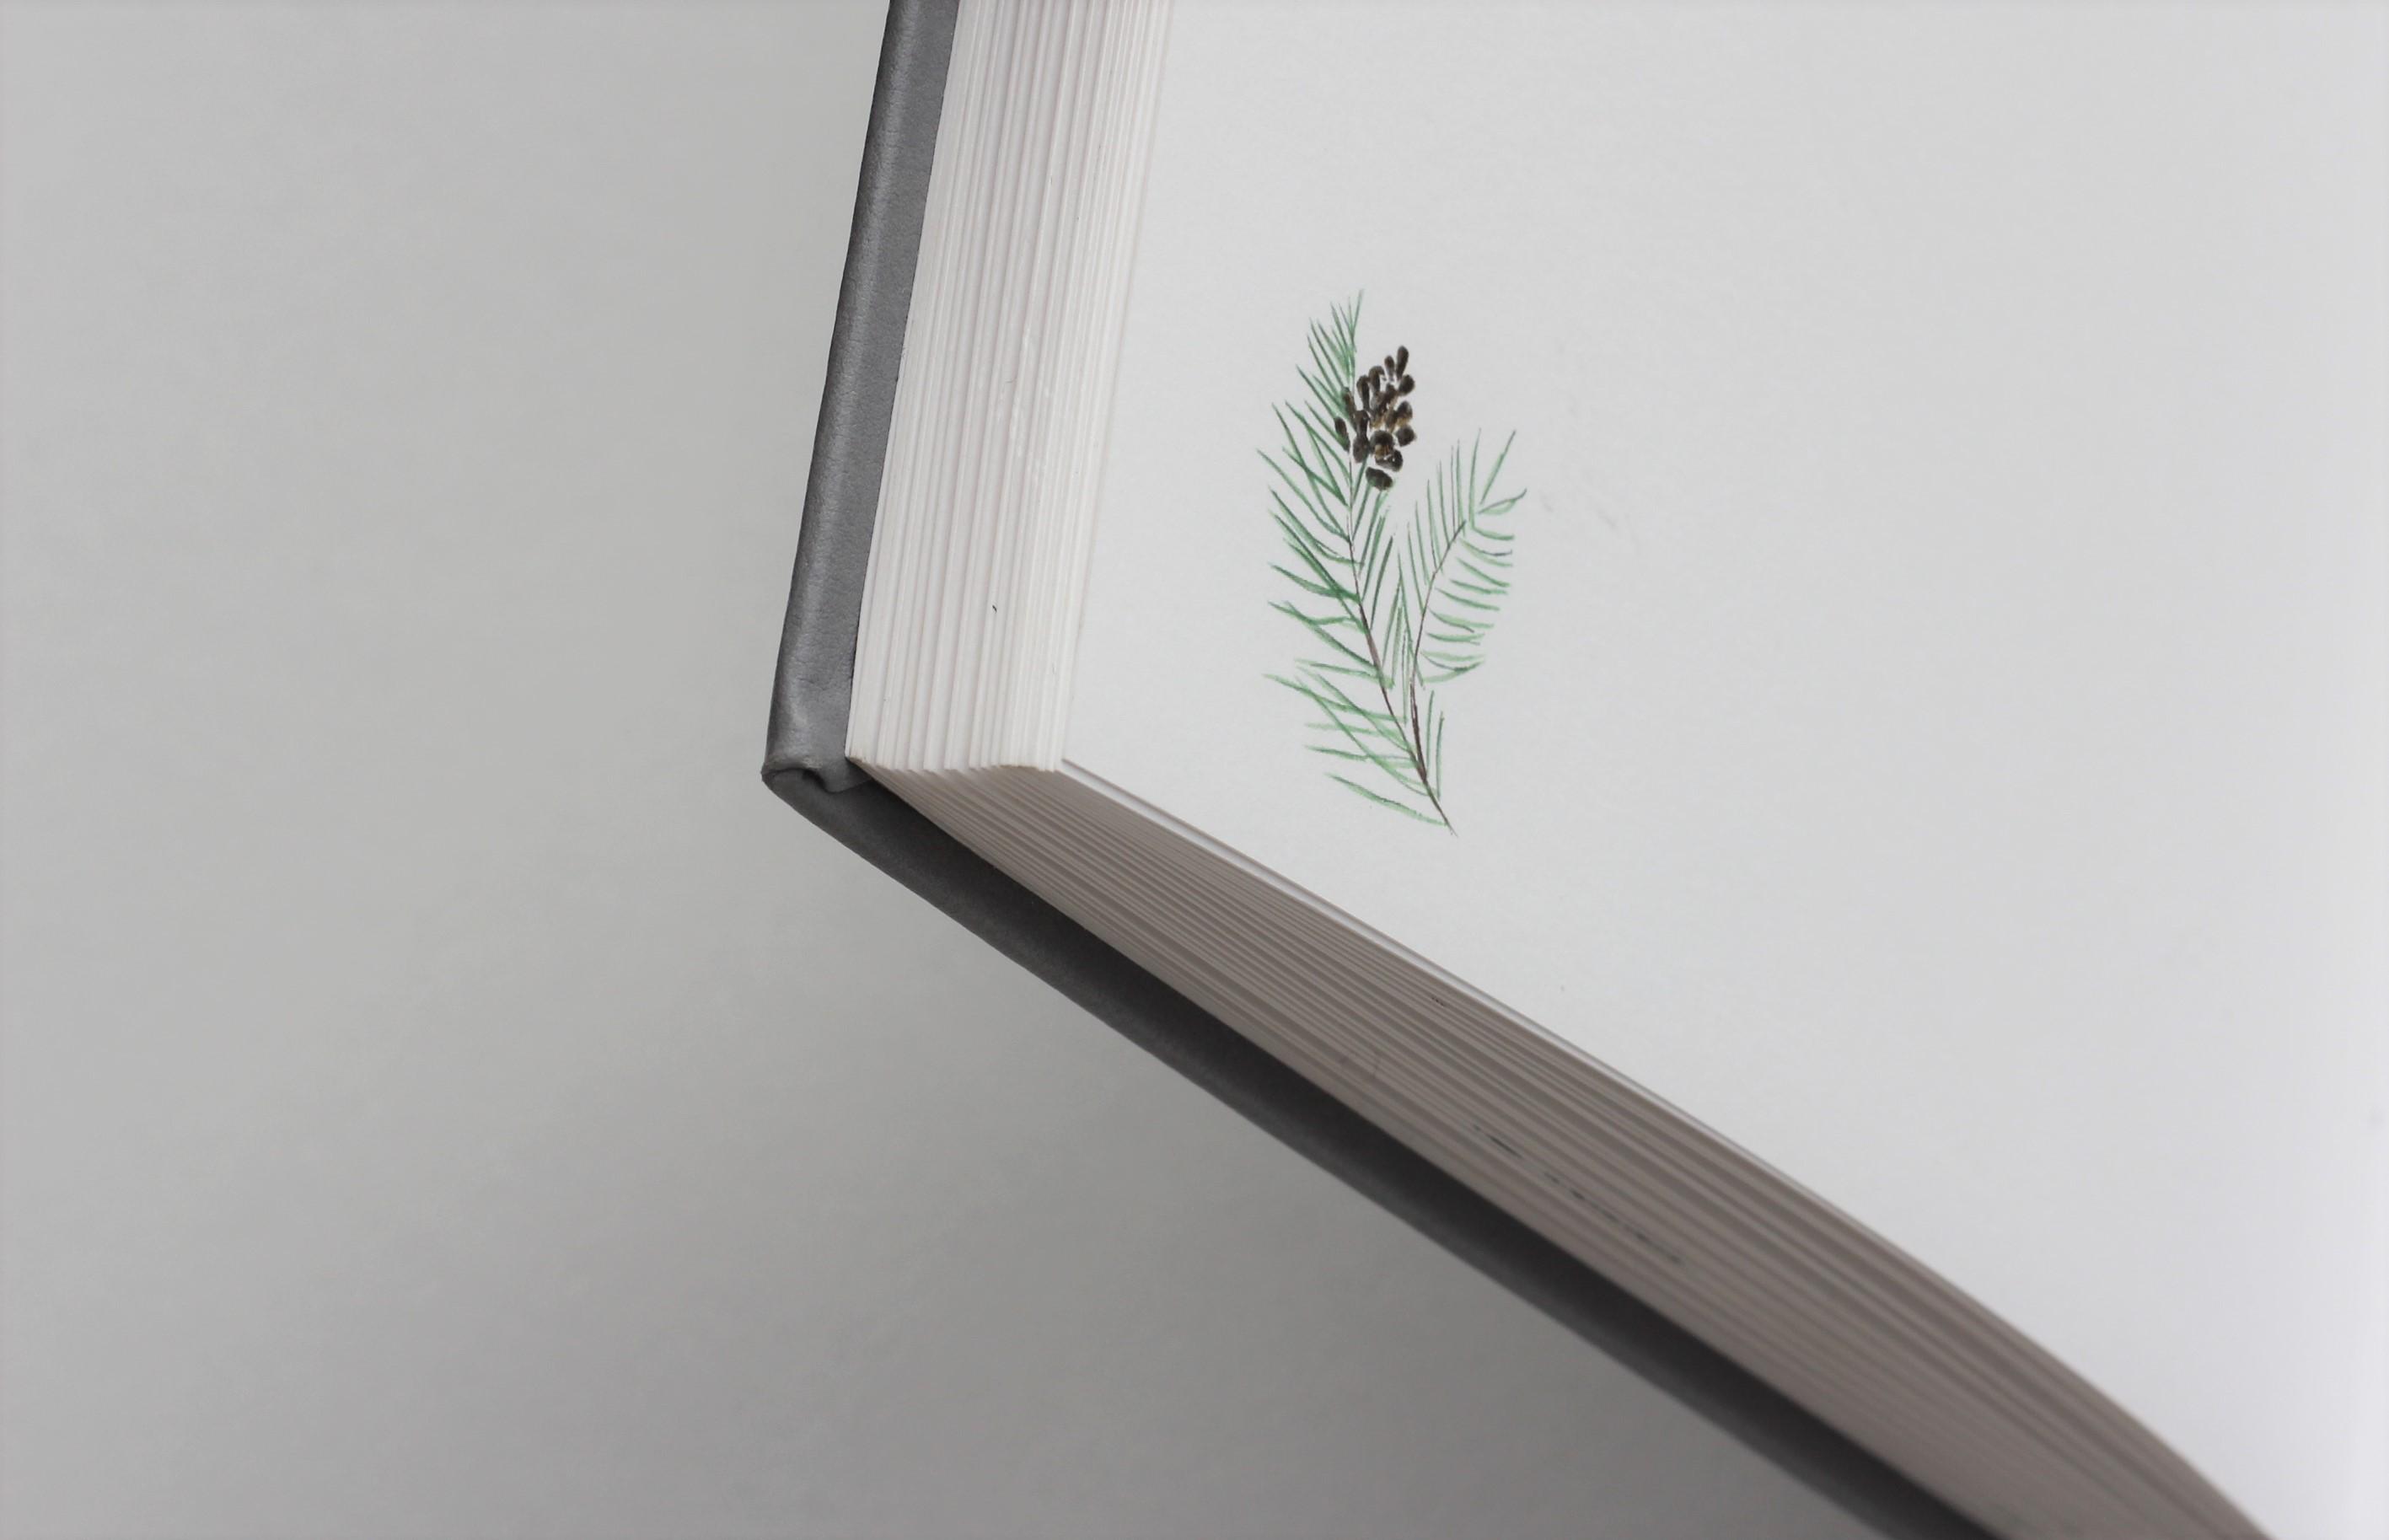 Hug a book svečių knyga